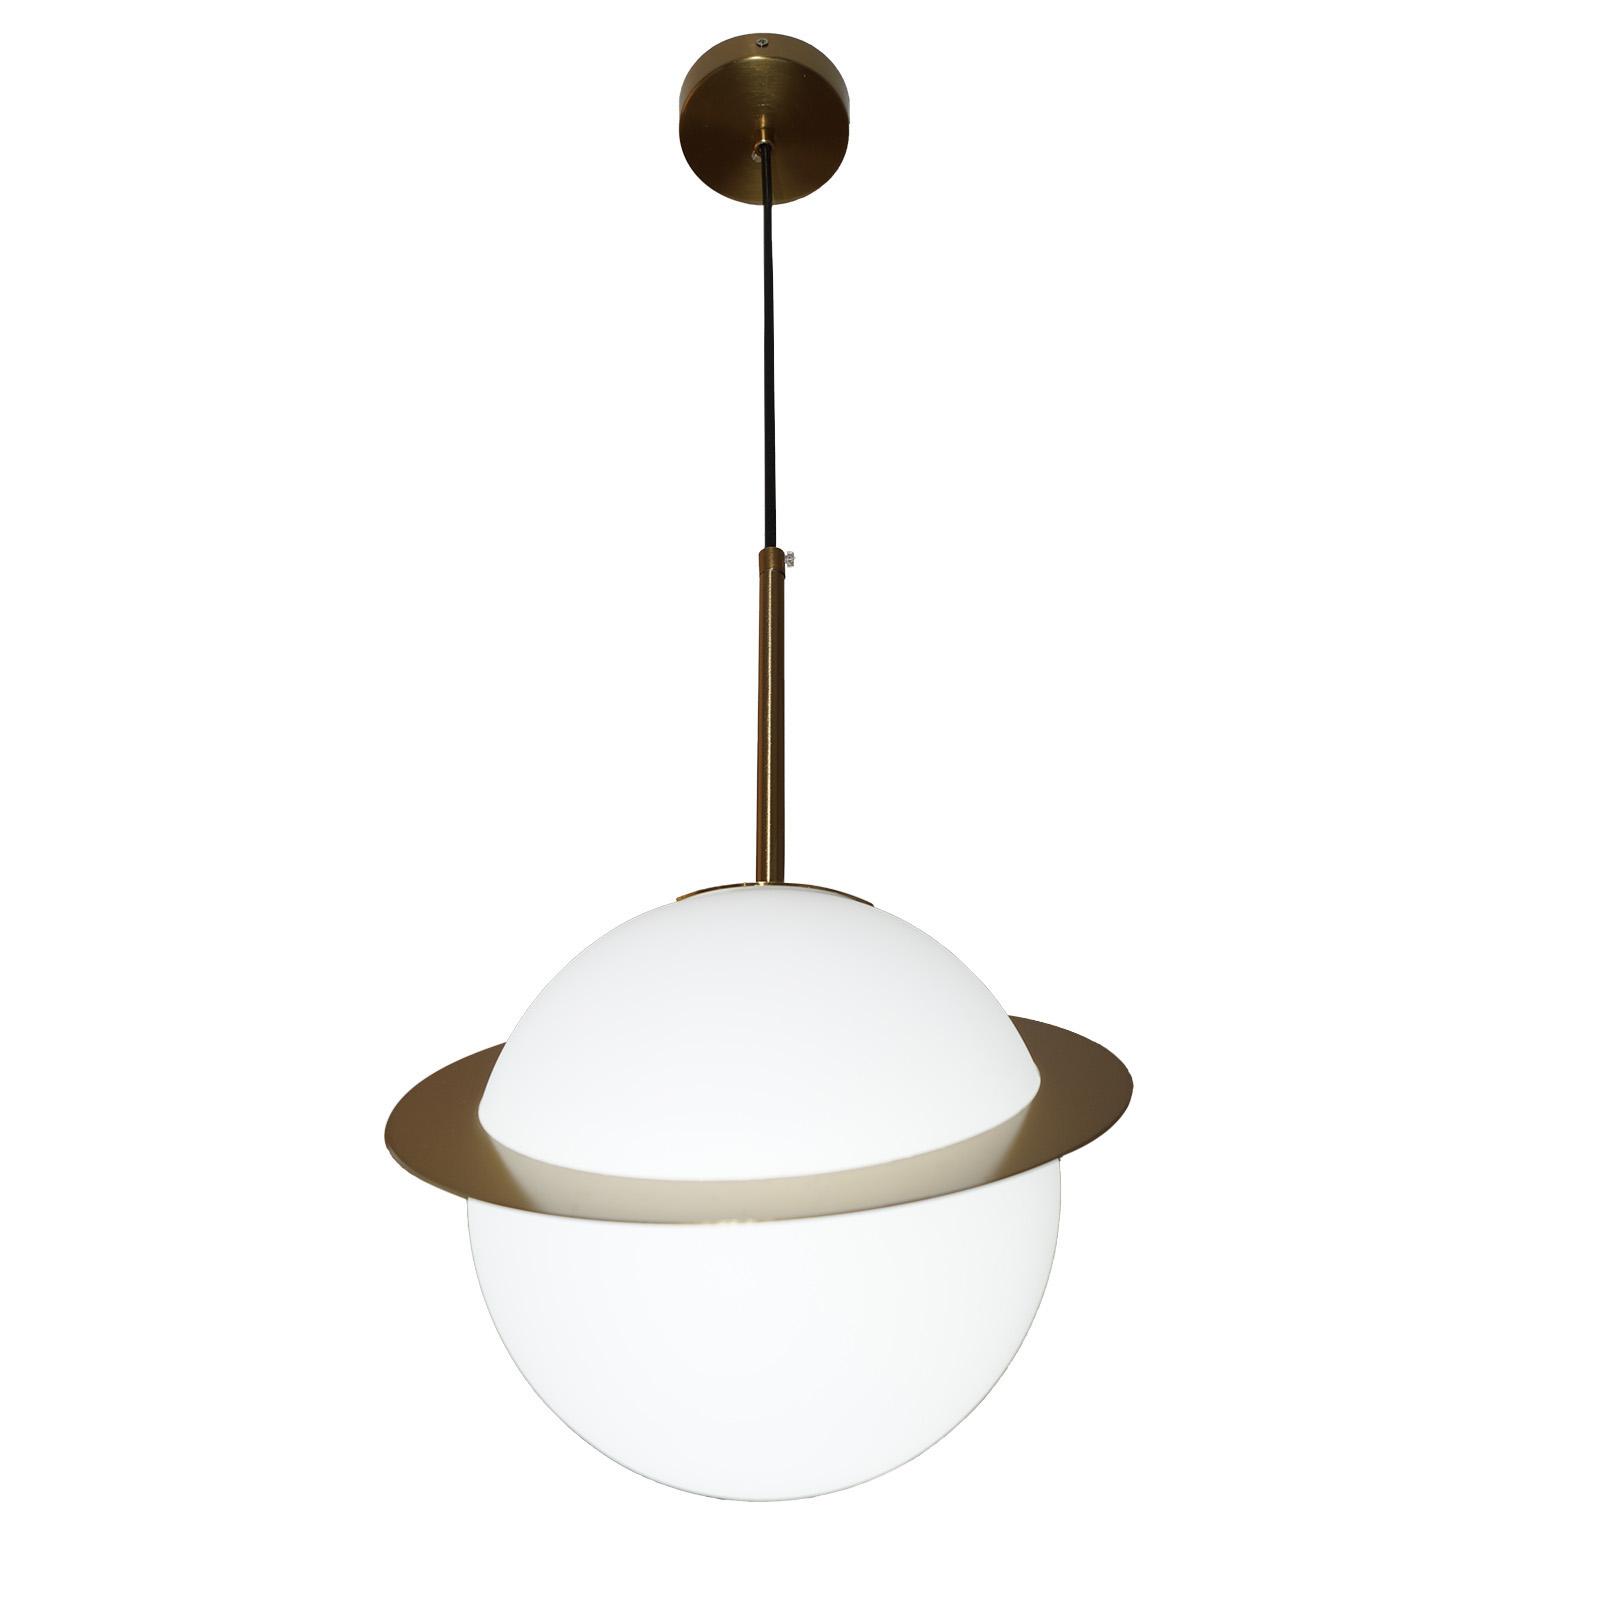 Lámpara Planetaria con anillo oro. Lámpara inspirada en un planeta